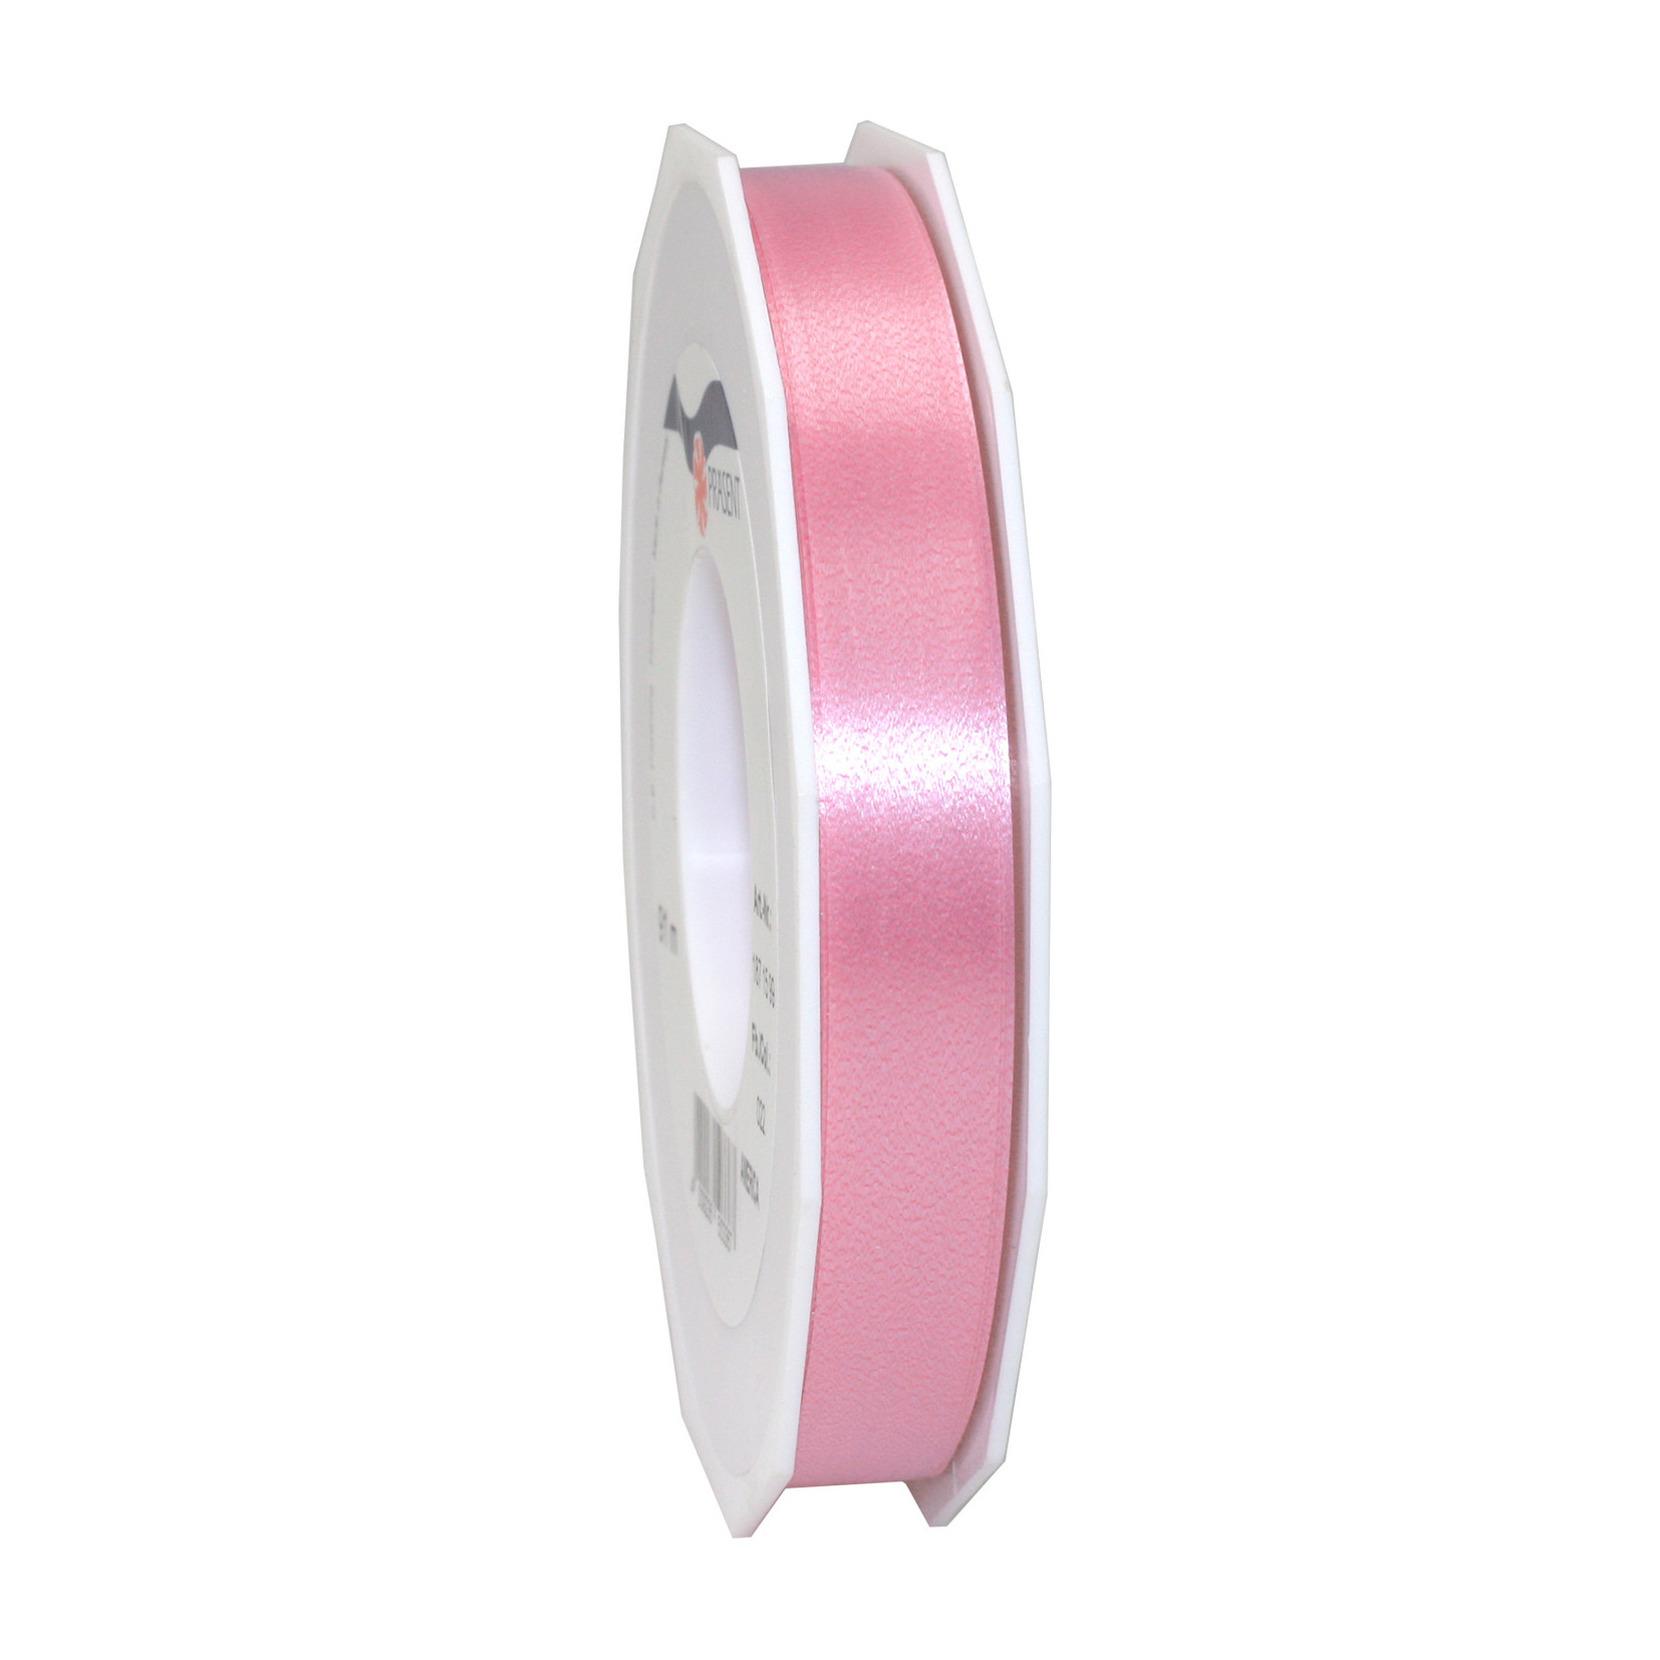 1x Luxe roze satijnlint rollen 1,5 cm x 91 meter cadeaulint verpakkingsmateriaal